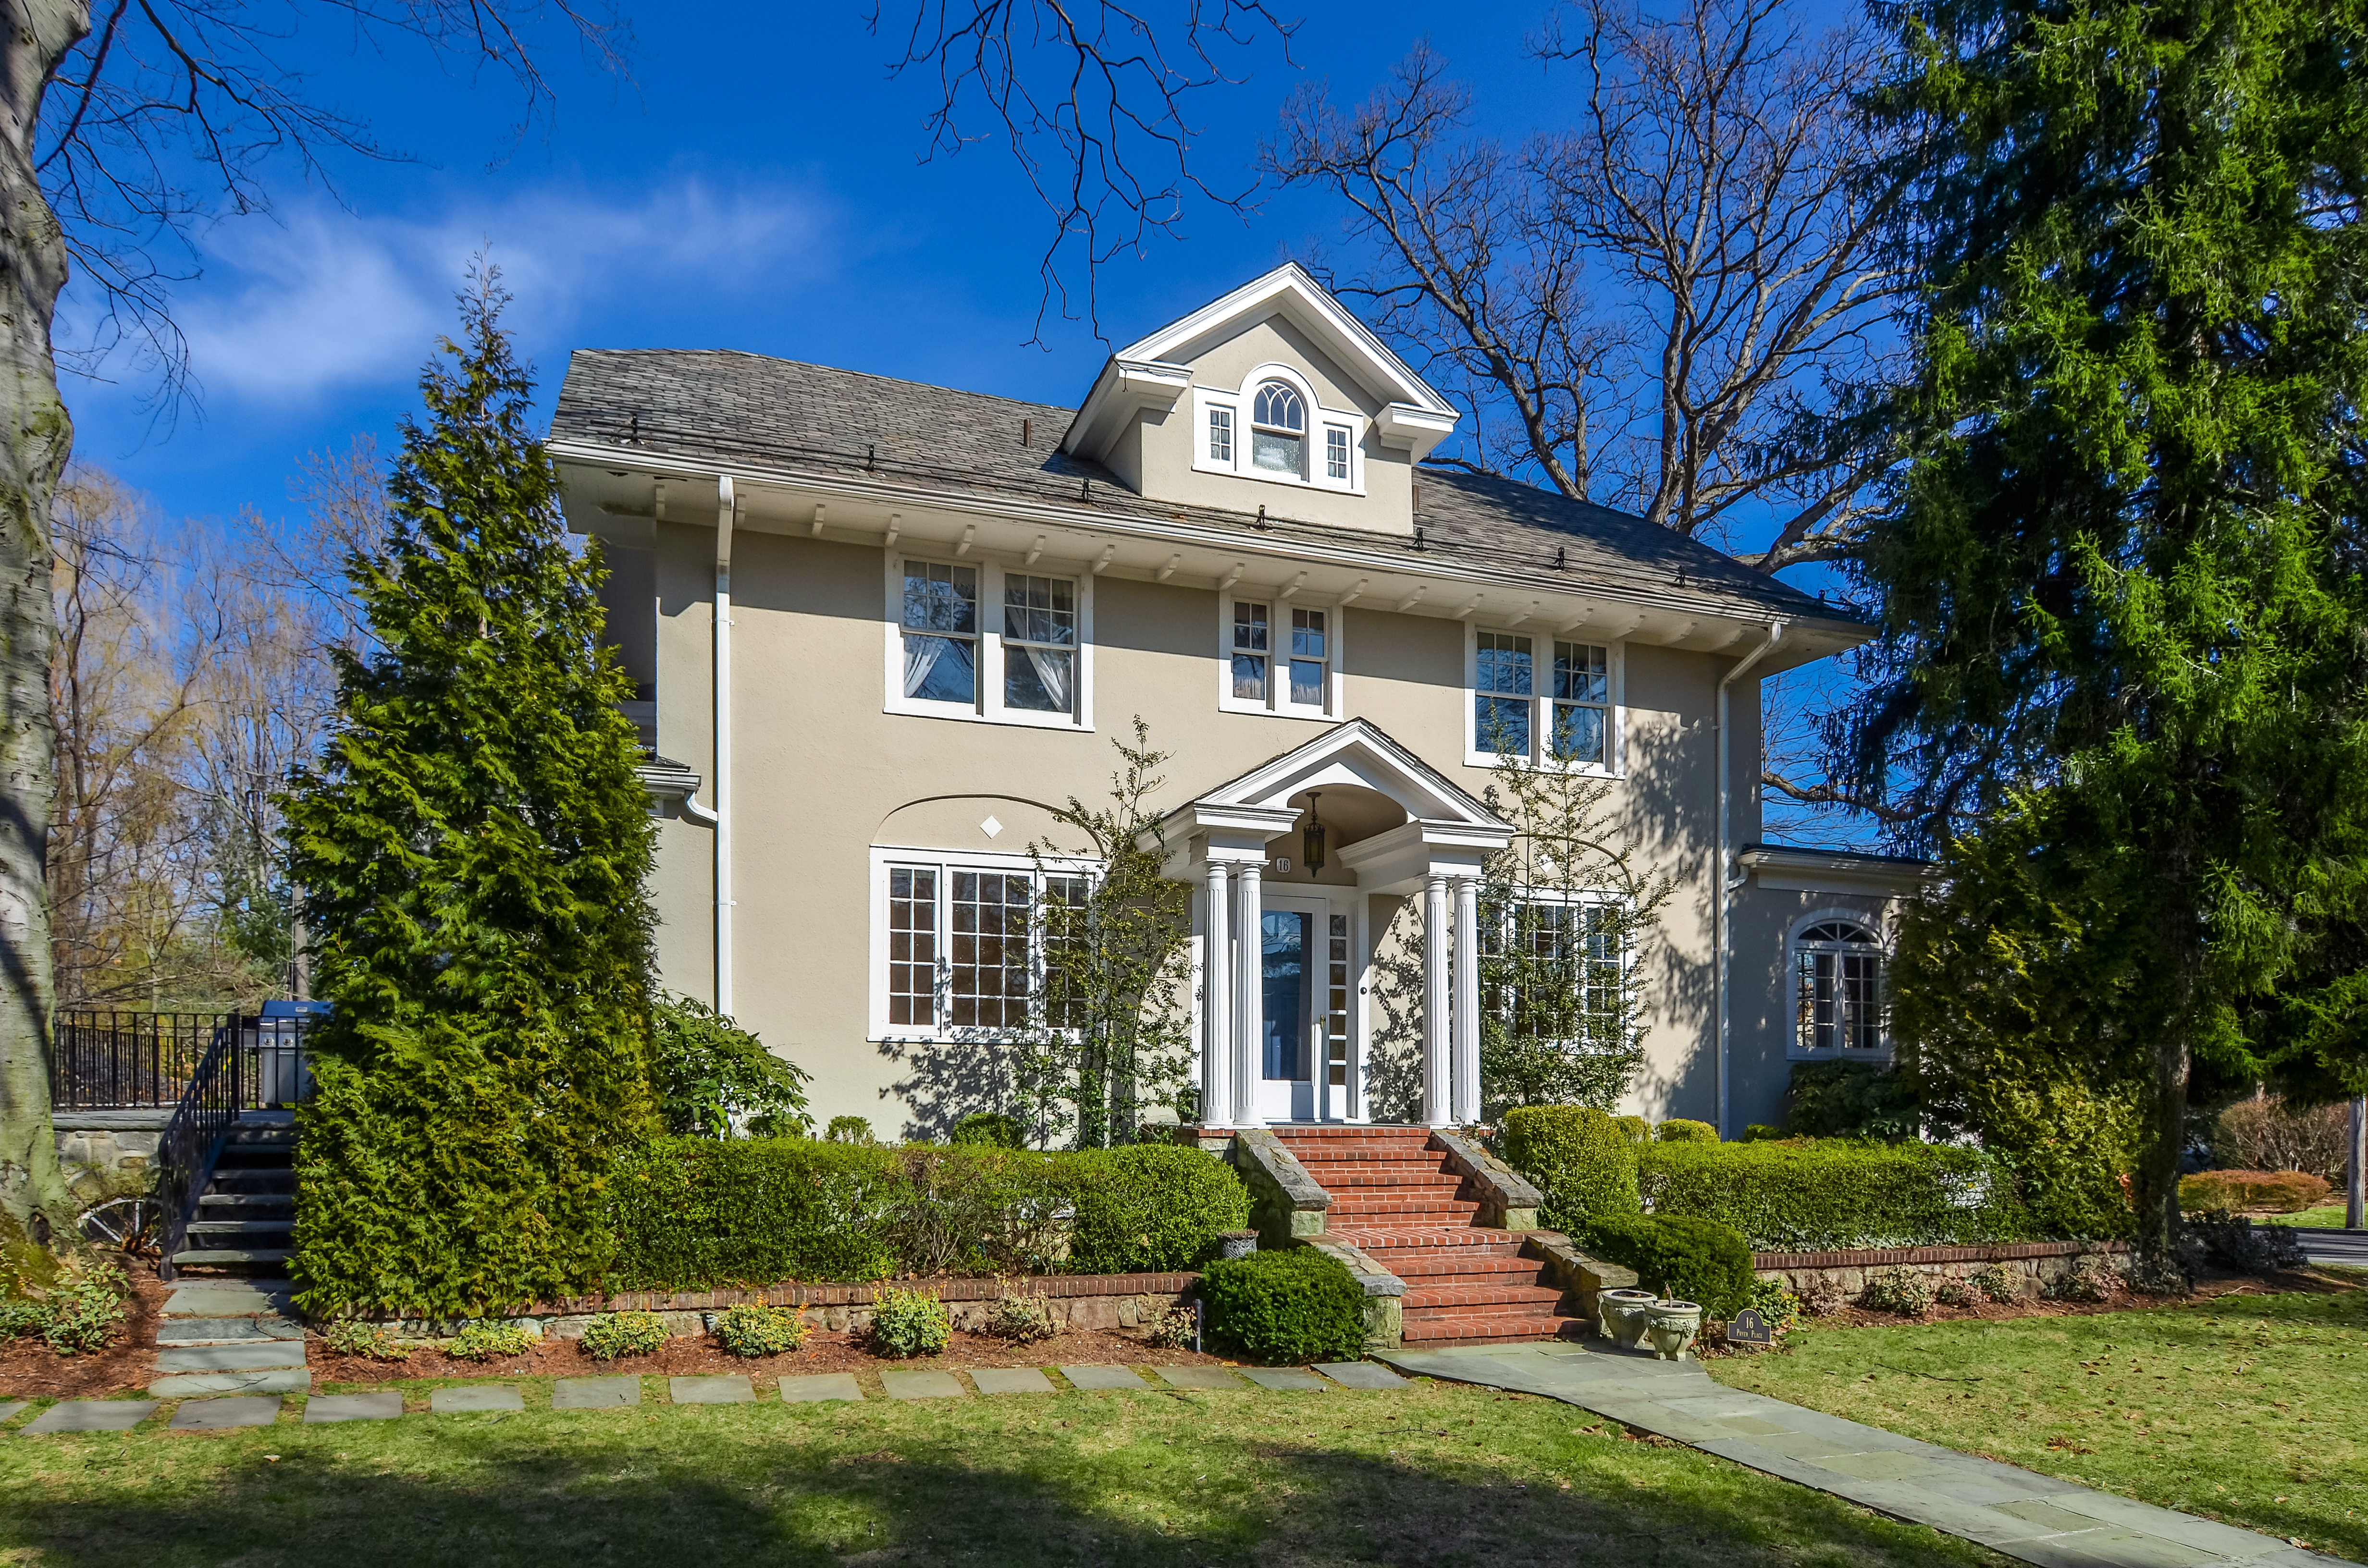 一戸建て のために 売買 アット Handsome Beechmont Colonial 16 Pryer Place New Rochelle, ニューヨーク, 10804 アメリカ合衆国